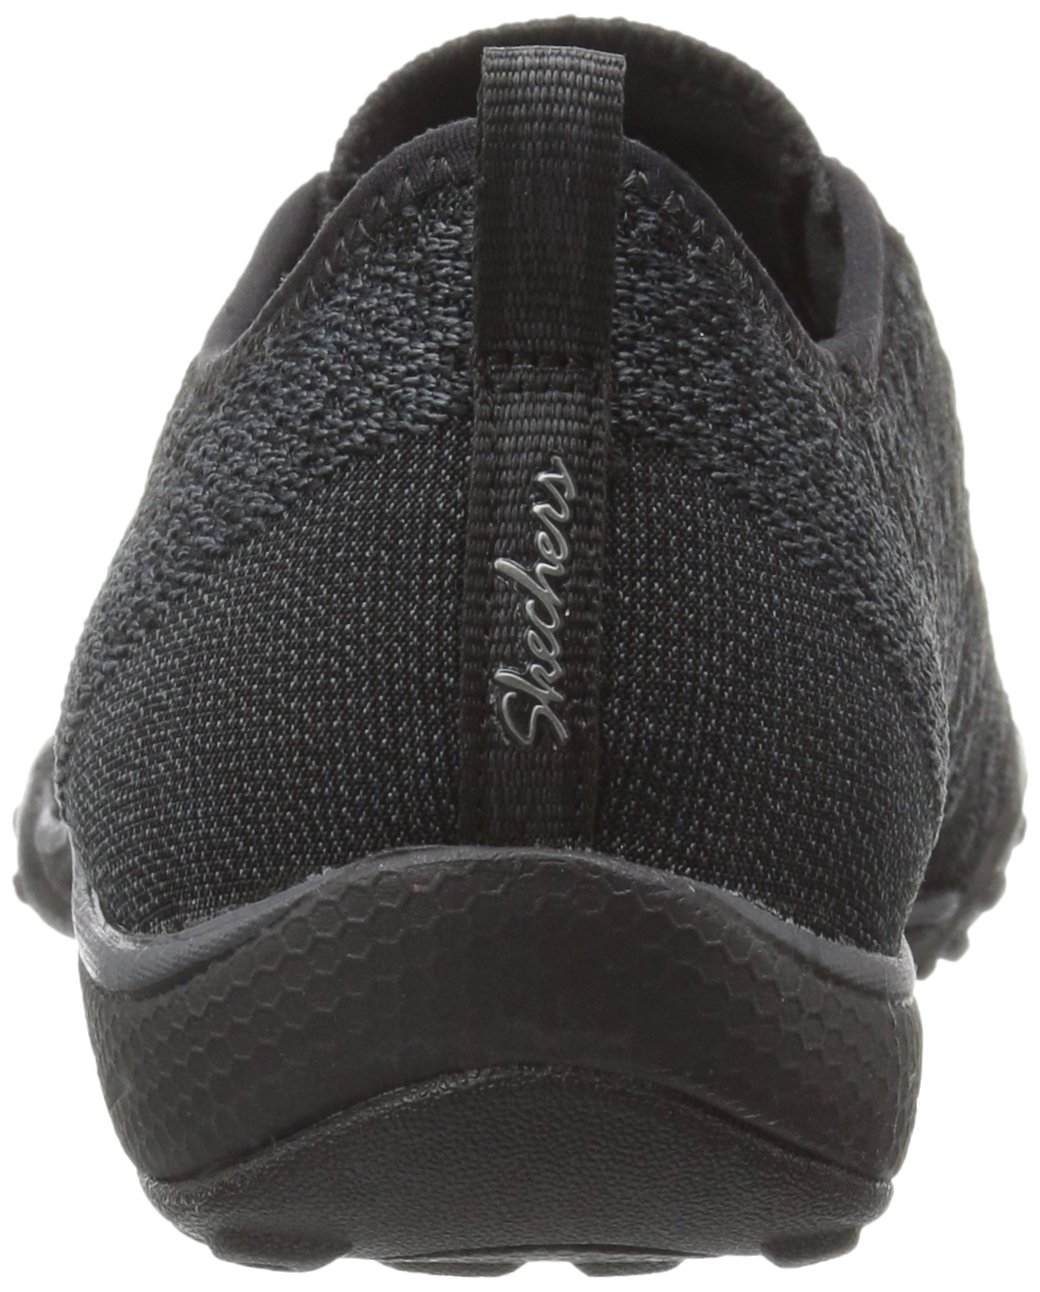 Skechers Sport Women's Breathe Easy Fortune Fashion Sneaker,Black Knit,5 M US by Skechers (Image #2)